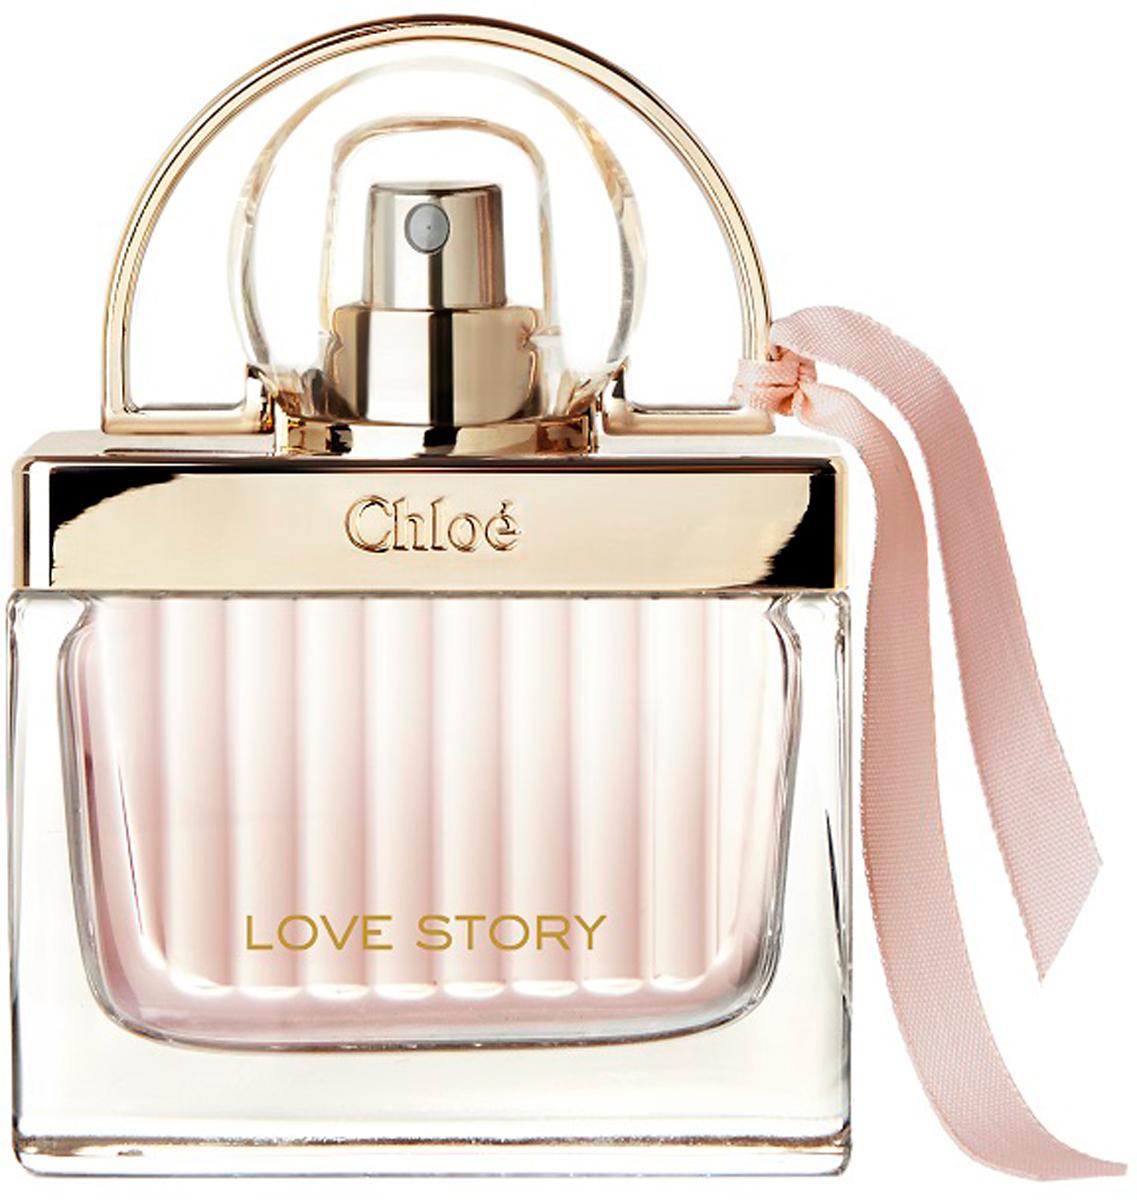 Chloe Love Story Туалетная вода женская 30 мл64990440000Особенное утро, наполненное сверкающим светом. Нежный цветочный аромат бутонов апельсина сливается со свежестью утренней росы. Она вспоминает их смех. Искры настурции, легкая перчинка - эти ноты заставляют ее трепетать от неги. Этот цветок - символ любви, который дается лишь тому, кто готов открыть своё сердце. Воспоминания о пламенном свидании в пустом городе, они - рука об руку. Настоящая близость. Цветущая слива раскрывает природную чувственность. Невероятно изысканное звучание, обрамленное цветочными нотами. Туалетная вода Chloe Love Story - это новая история любви. Свежий, цветочный и очень чувственный аромат. Чистый соблазн, нанесенный на кожу. Верхняя нота: Бергамот; ноты сердца: Апельсин, Слива, Настурция, Ландыш. Средняя нота: Роза. Шлейф: белый мускус. Цветущая слива раскрывает природную чувственность. Дневной и вечерний аромат.Краткий гид по парфюмерии: виды, ноты, ароматы, советы по выбору. Статья OZON Гид